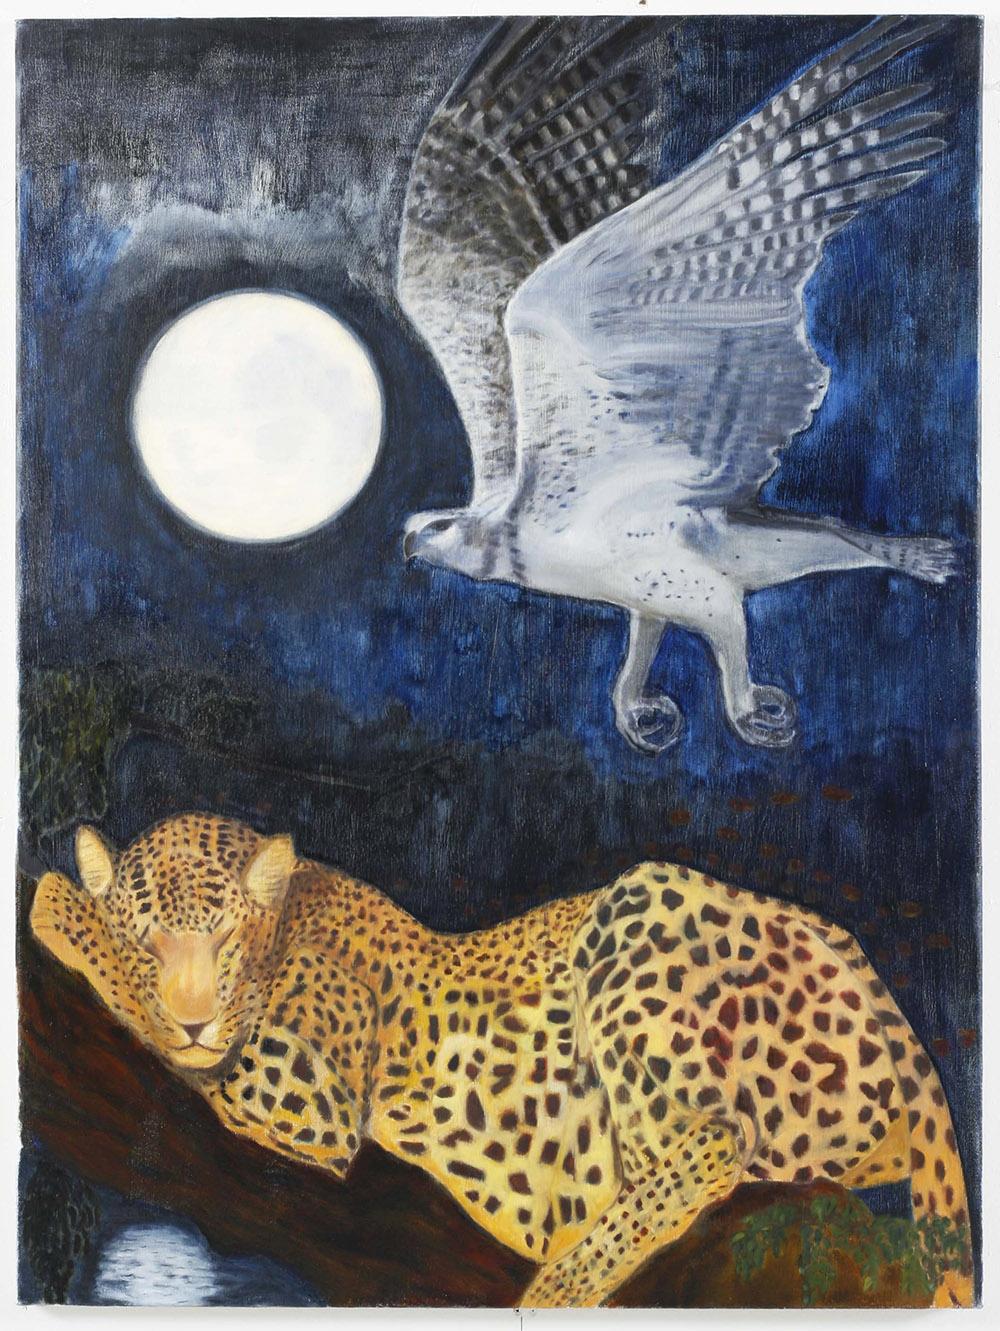 A Dream, 2010